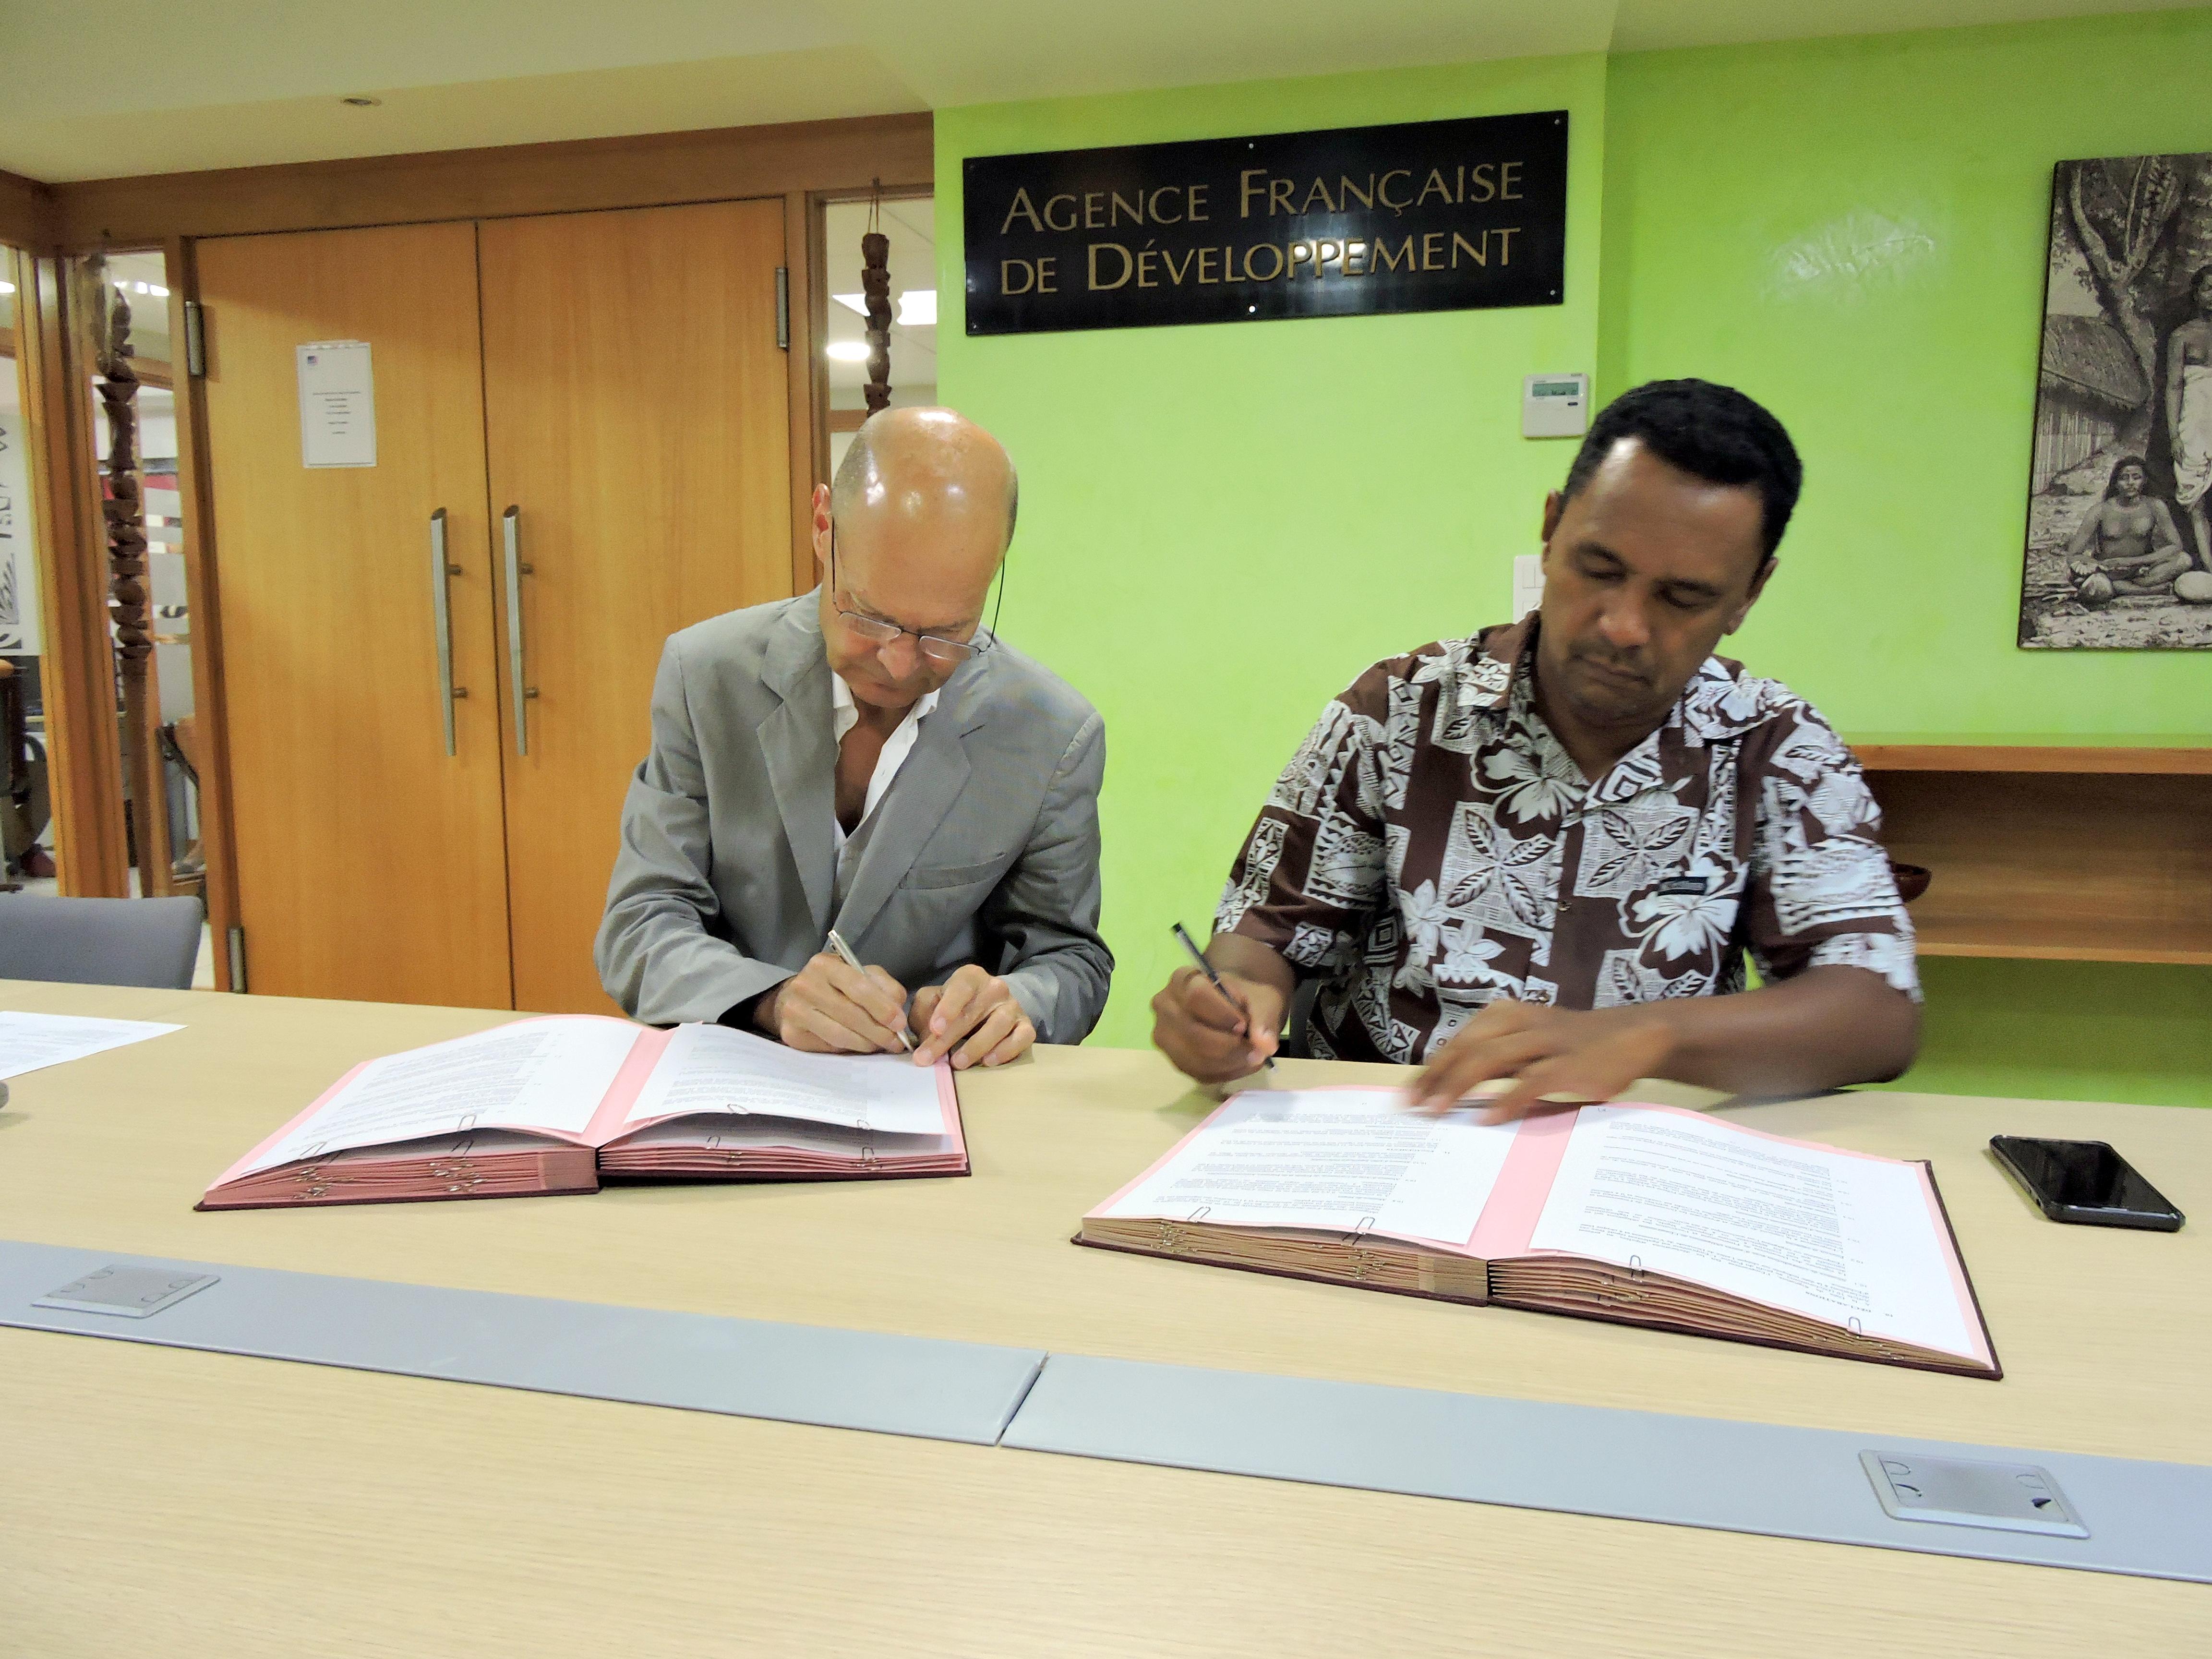 L'AFD accompagne la rénovation du réseau d'eau de Teva i Uta